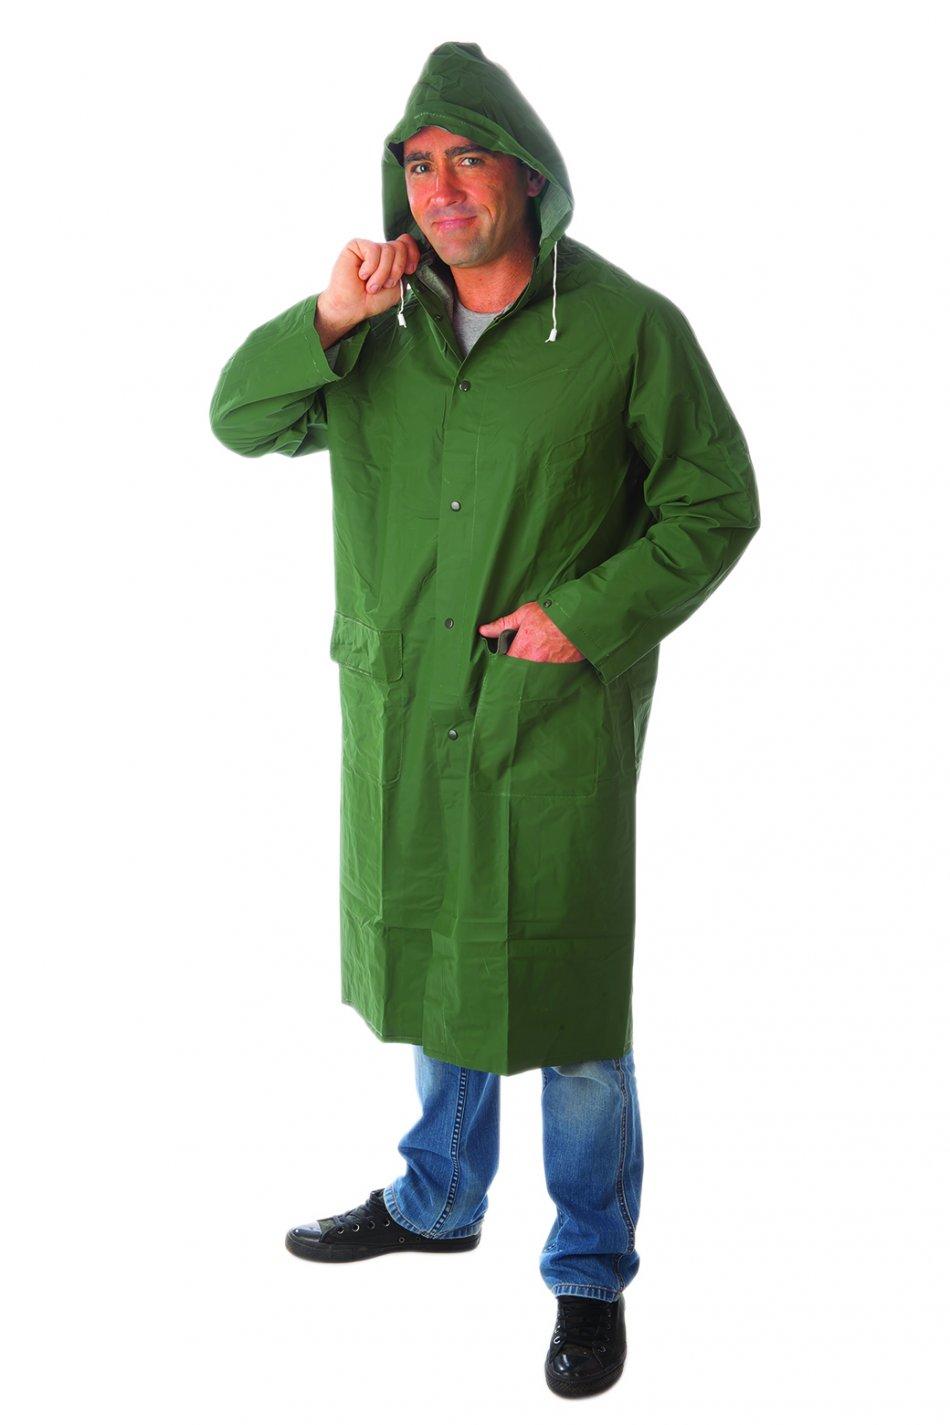 Pelerină de ploaie cu capişon, verde, lungă, RLCG